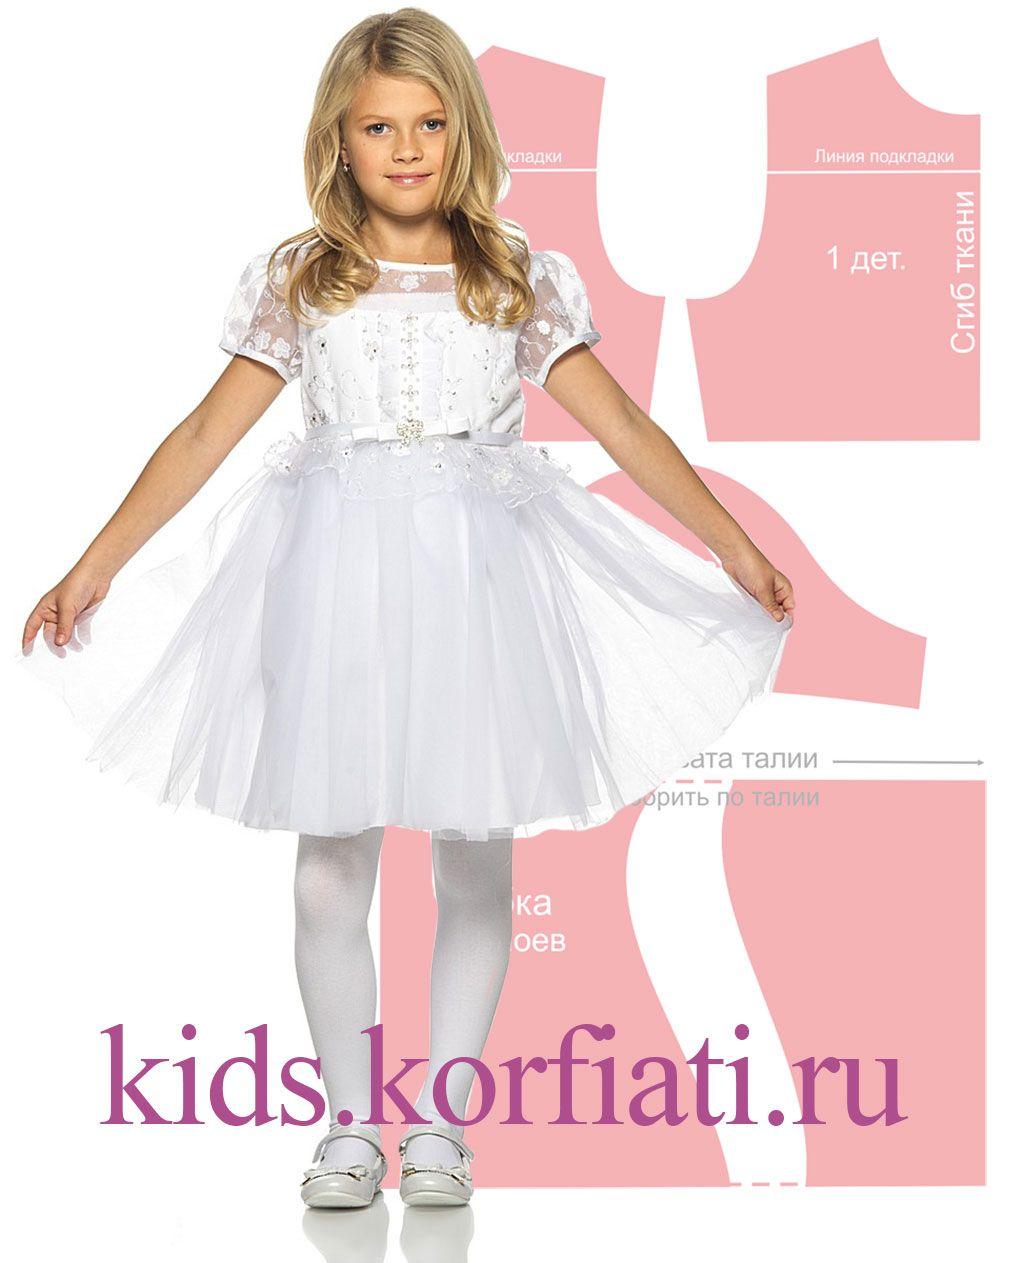 Выкройка рукава к школьной форме для девочки фото 792